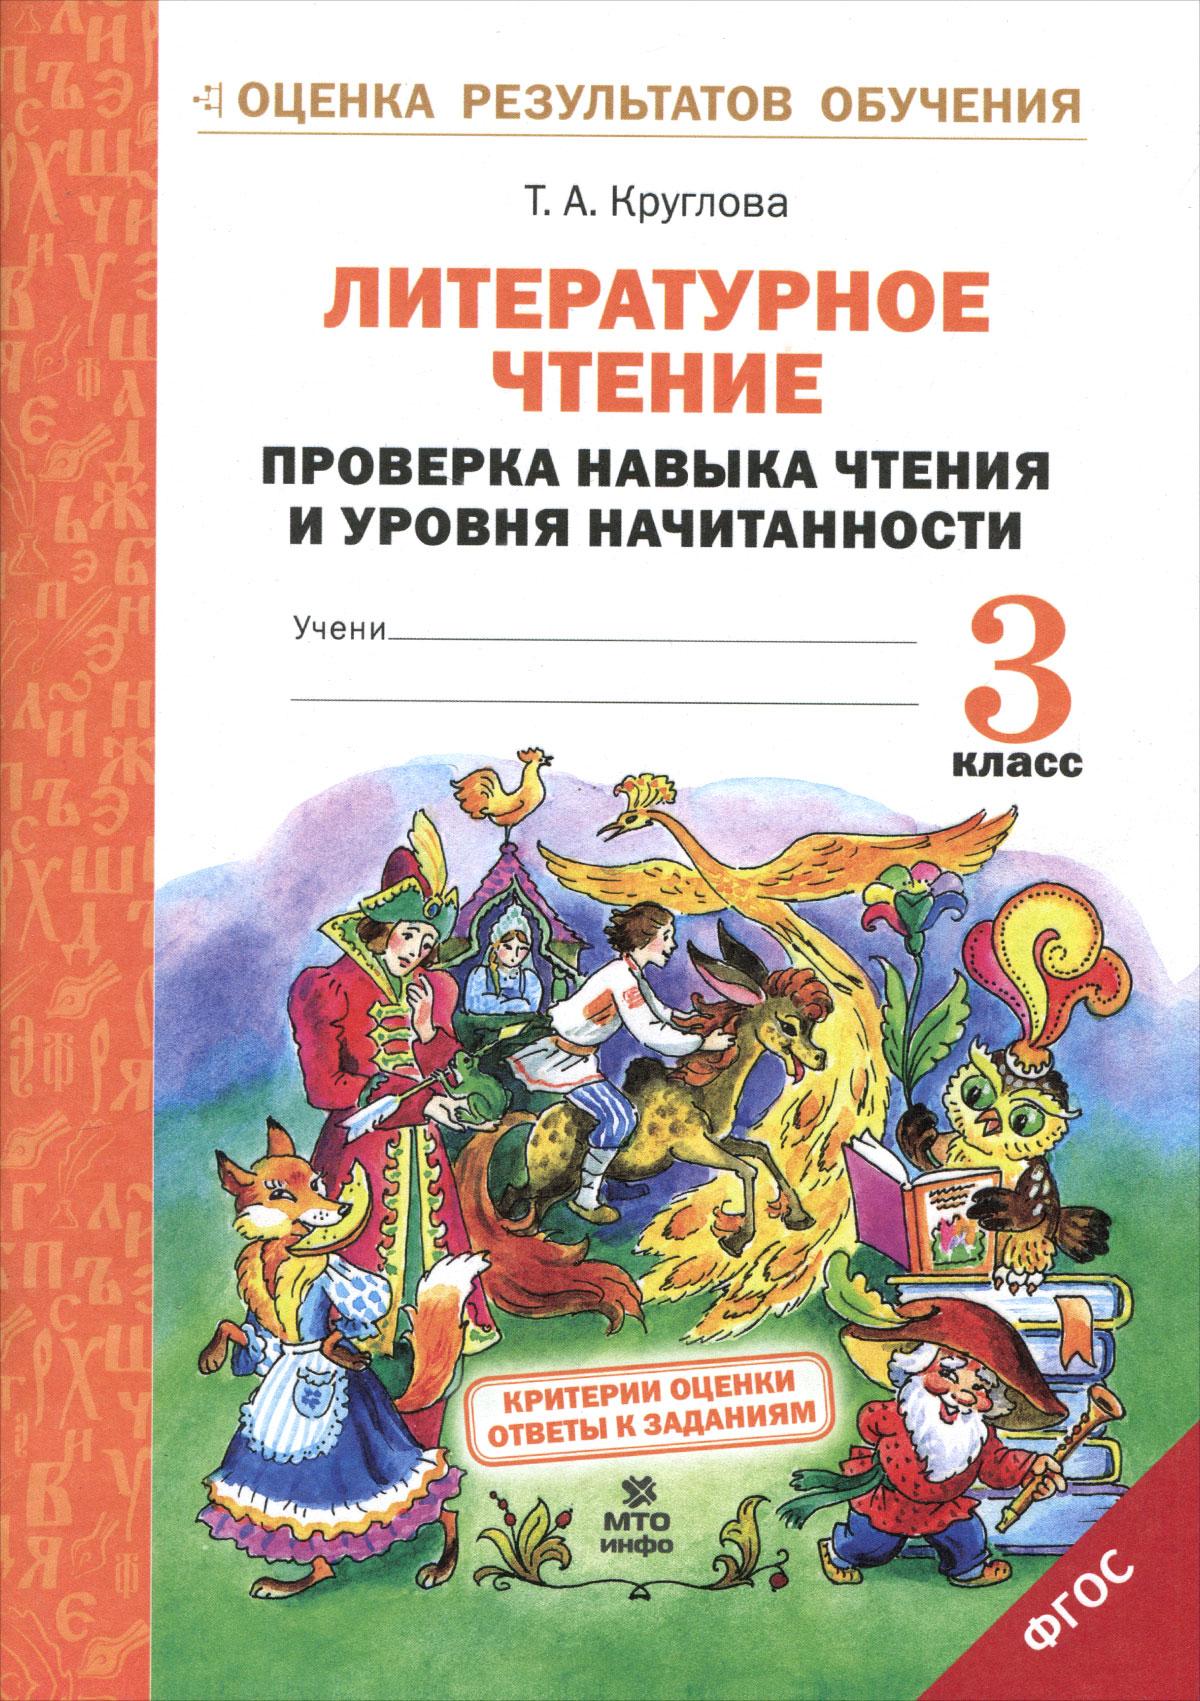 Литературное чтение. 3 класс. Проверка навыка чтения и уровня начитанности